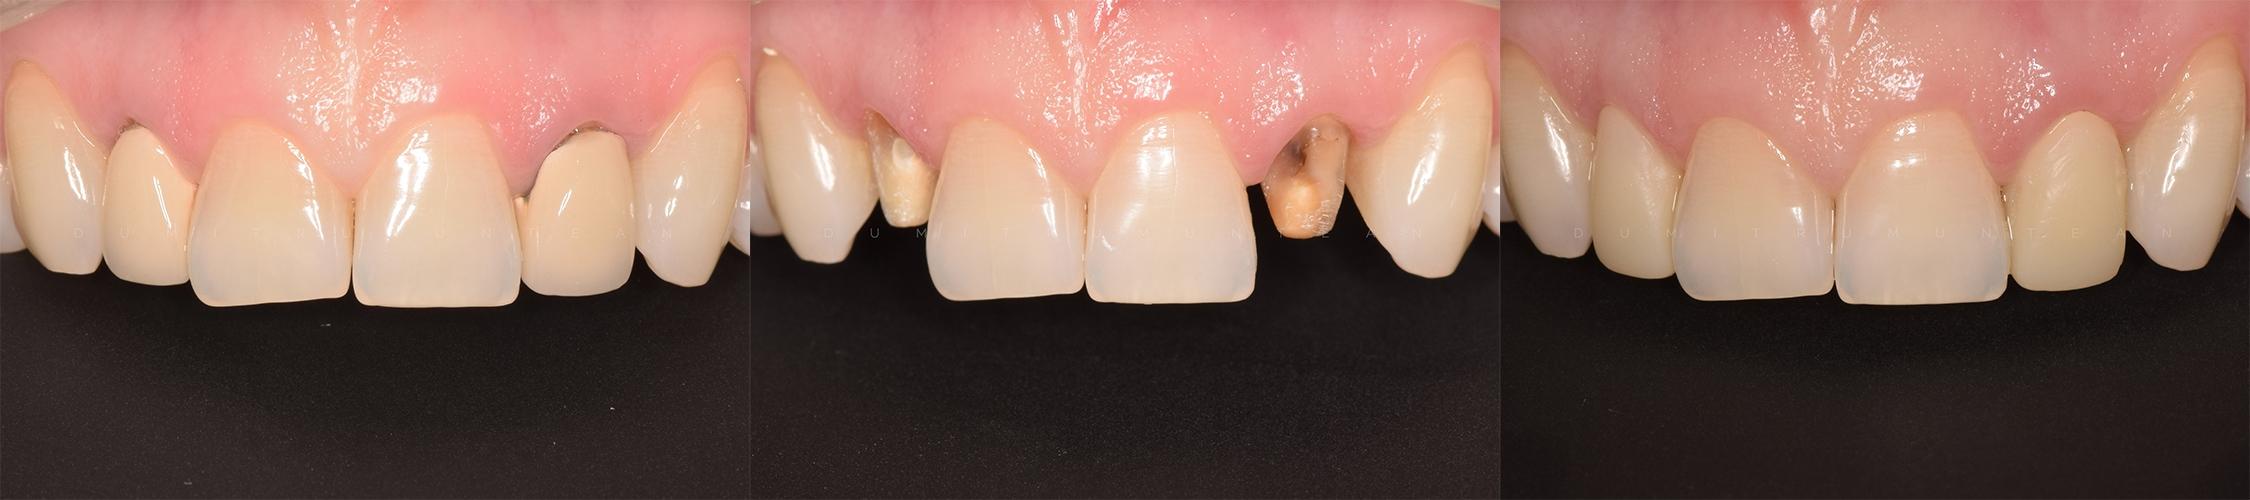 coroane integral ceramice dumitru muntean dentist cluj 15